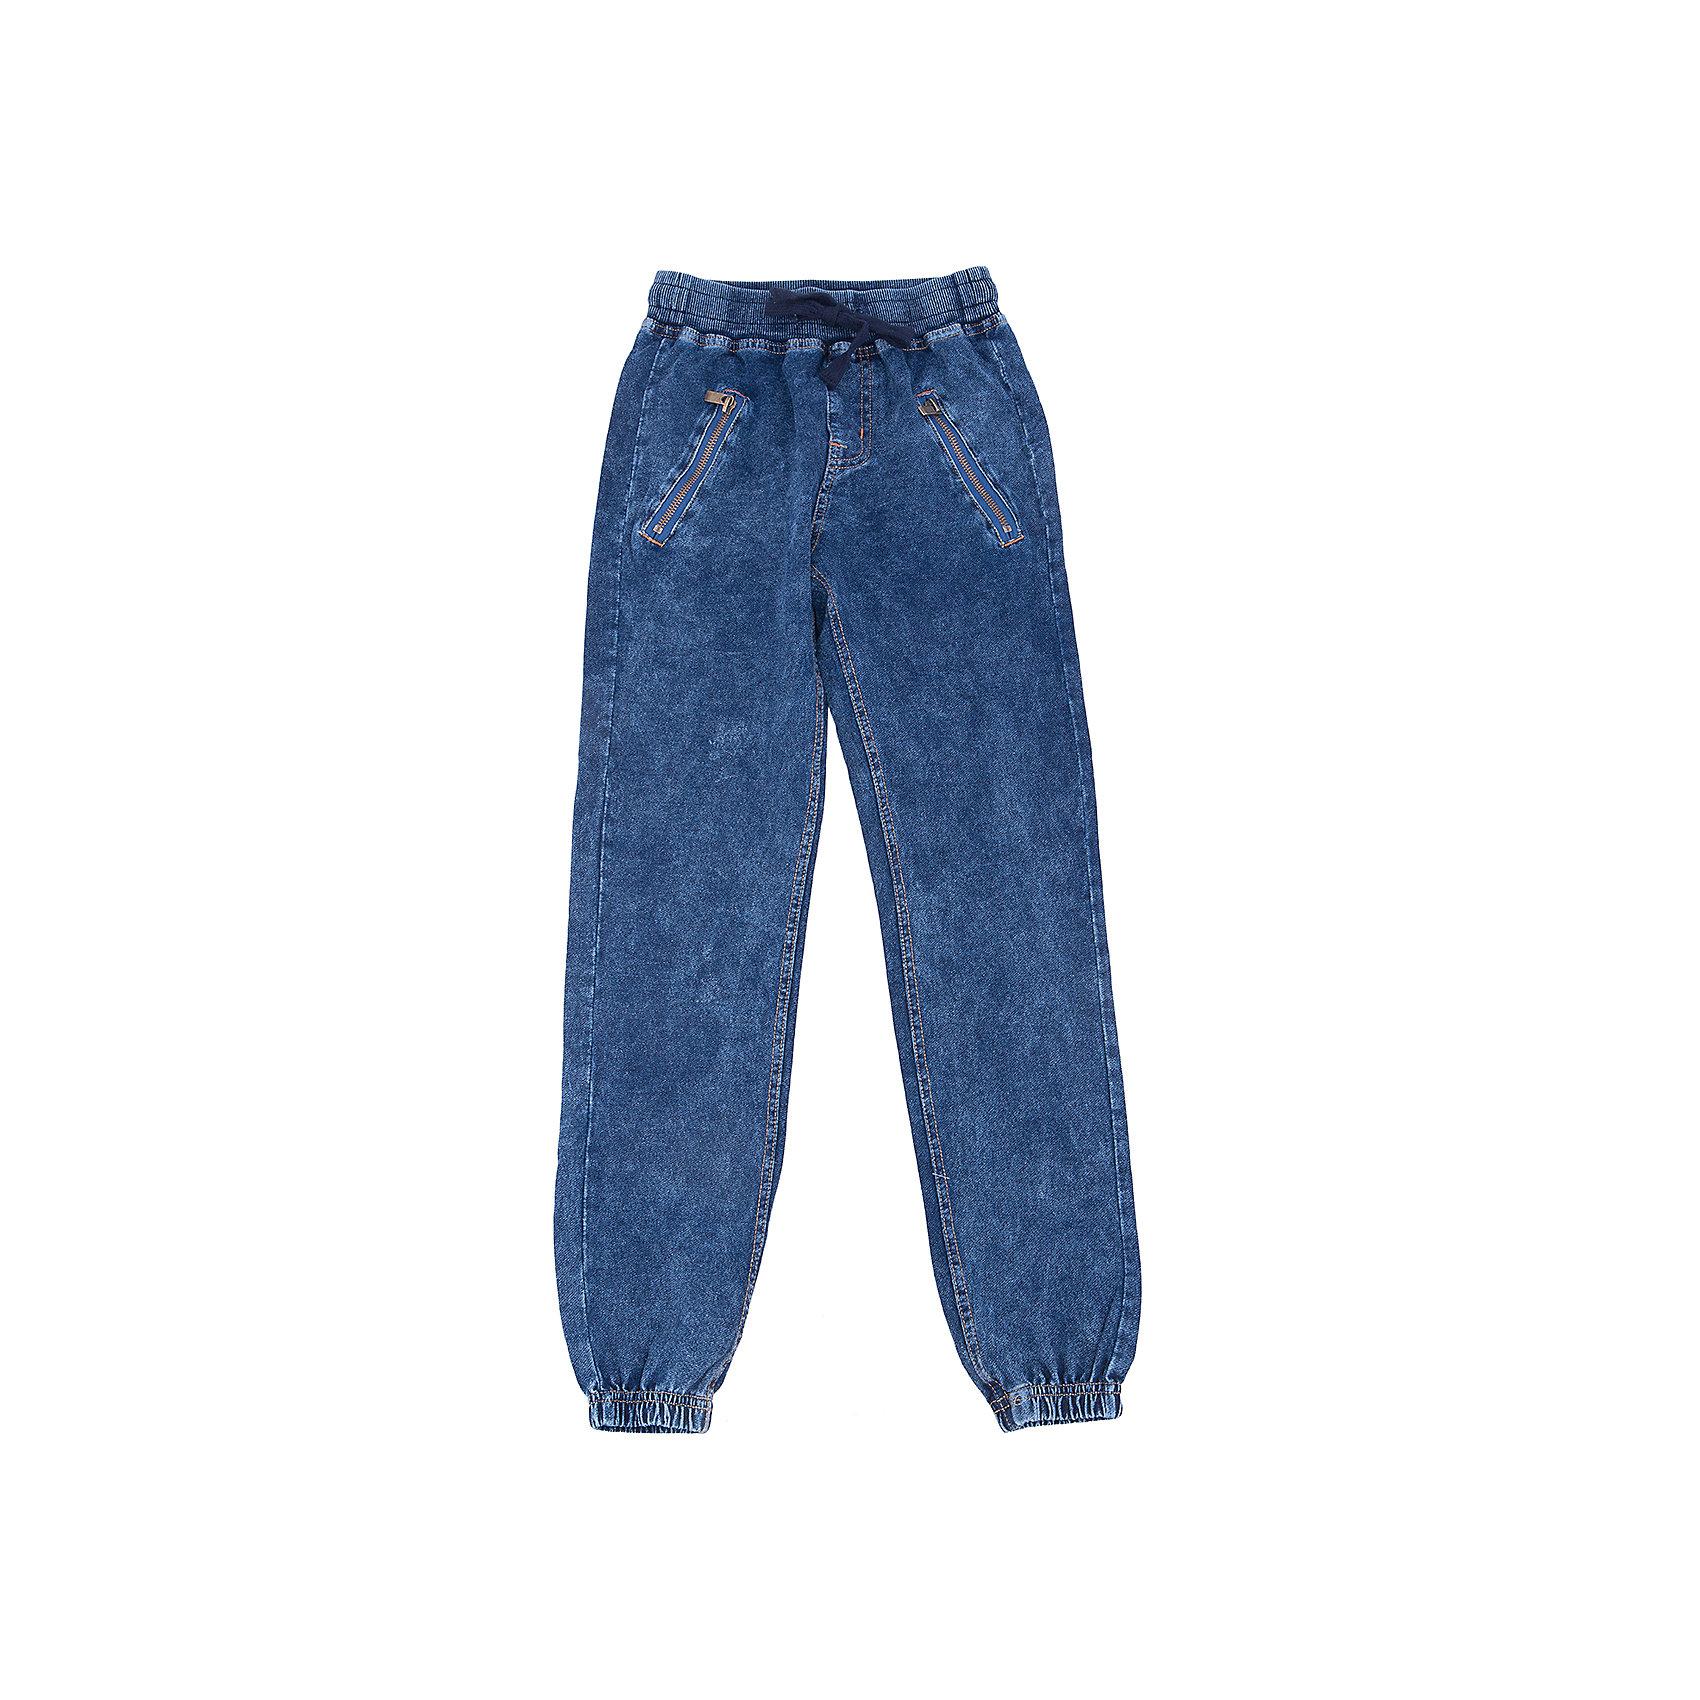 Брюки для мальчика LuminosoХарактеристики товара:<br><br>- цвет: джинс;<br>- материал: 95% хлопок 5% эластан;<br>- контрастная прострочка;<br>- мягкая резинка и шнурок в поясе.<br><br>Стильная одежда от бренда Luminoso (Люминосо), созданная при участии итальянских дизайнеров, учитывает потребности подростков и последние веяния моды. Она удобная и модная.<br>Эти стильные спортивные брюки отлично впишутся в гардероб мальчика. Они хорошо сидят на ребенке, обеспечивают комфорт и отлично сочетаются с одежной разных стилей. Модель отличается высоким качеством материала и продуманным дизайном. Натуральный хлопок в составе изделия делает его дышащим, приятным на ощупь и гипоаллергеным.<br><br>Брюки для мальчика от бренда Luminoso (Люминосо) можно купить в нашем интернет-магазине.<br><br>Ширина мм: 215<br>Глубина мм: 88<br>Высота мм: 191<br>Вес г: 336<br>Цвет: синий<br>Возраст от месяцев: 96<br>Возраст до месяцев: 108<br>Пол: Мужской<br>Возраст: Детский<br>Размер: 164,140,146,152,158,134<br>SKU: 4930956